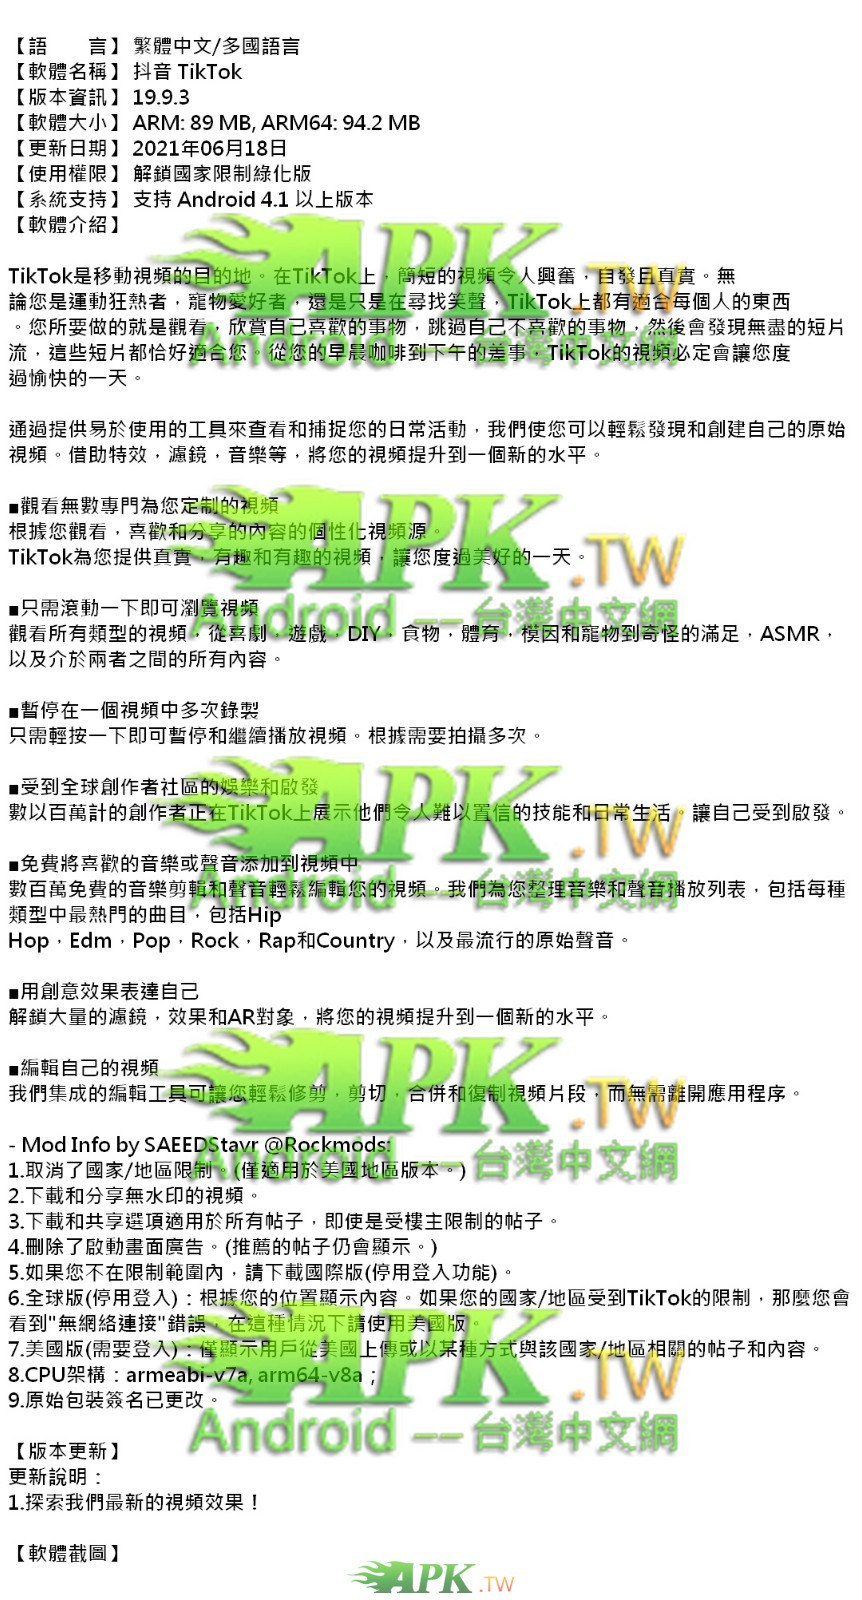 TikTok_19.9.3 APK_.jpg